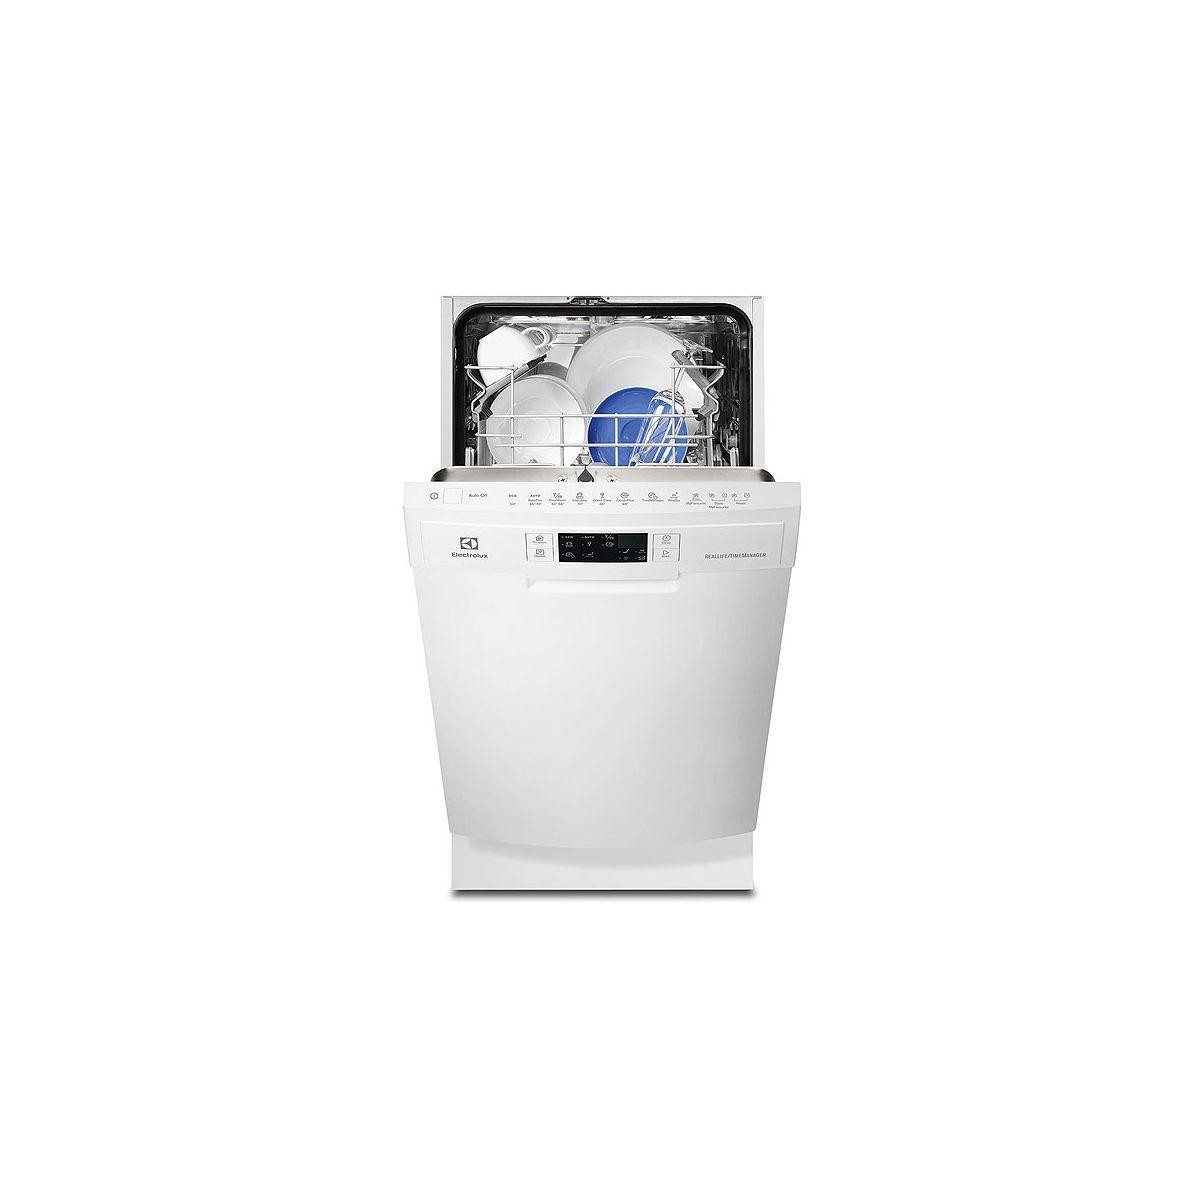 Lave vaisselle 45 cm electrolux esf4661row airdry - 10% de remise imm�diate avec le code : gam10